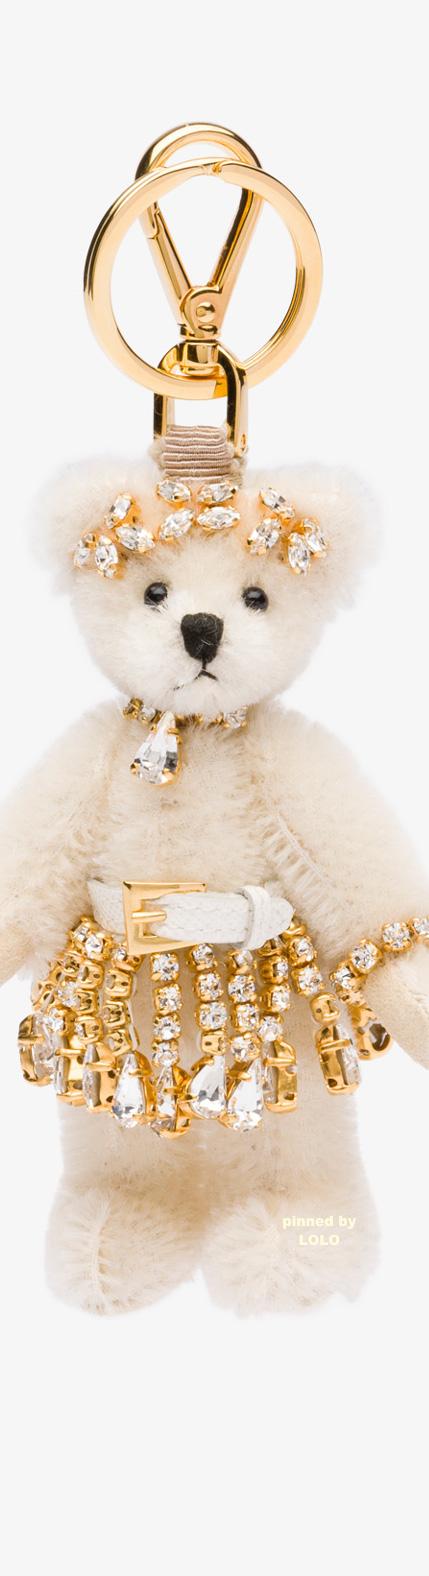 Prada Renee Fur Bear Charm Bijoux De Sac, Porte Clé, Pendentif, Accessoires, d6c300020d1